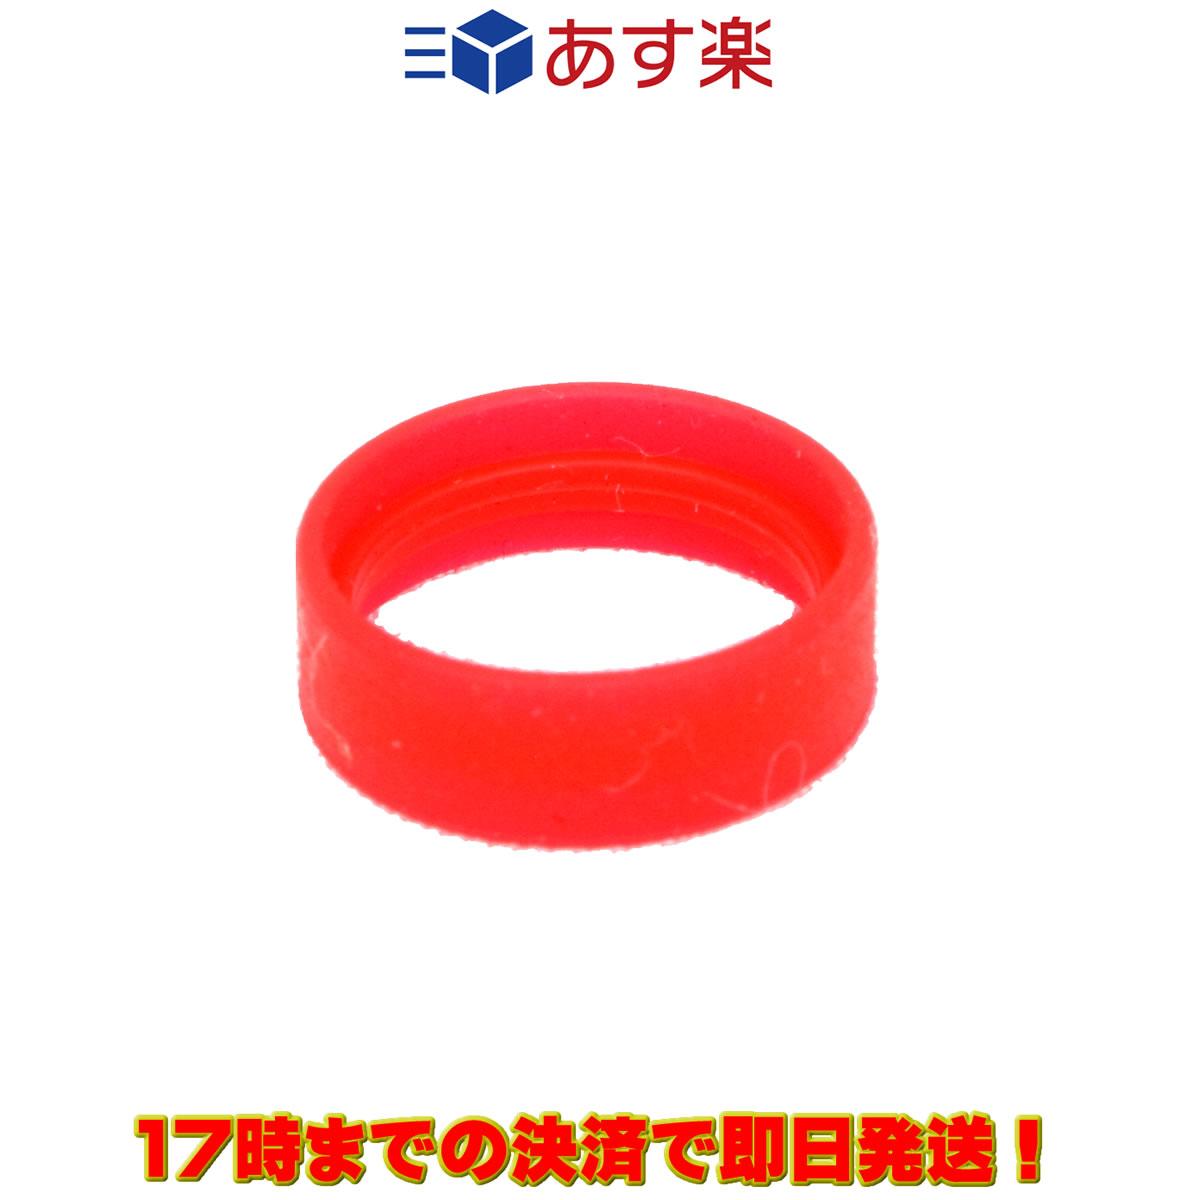 【ラッキーシール対応】 ANTENNA BAND RED S8003159 FTH-615/615L/635用 1個